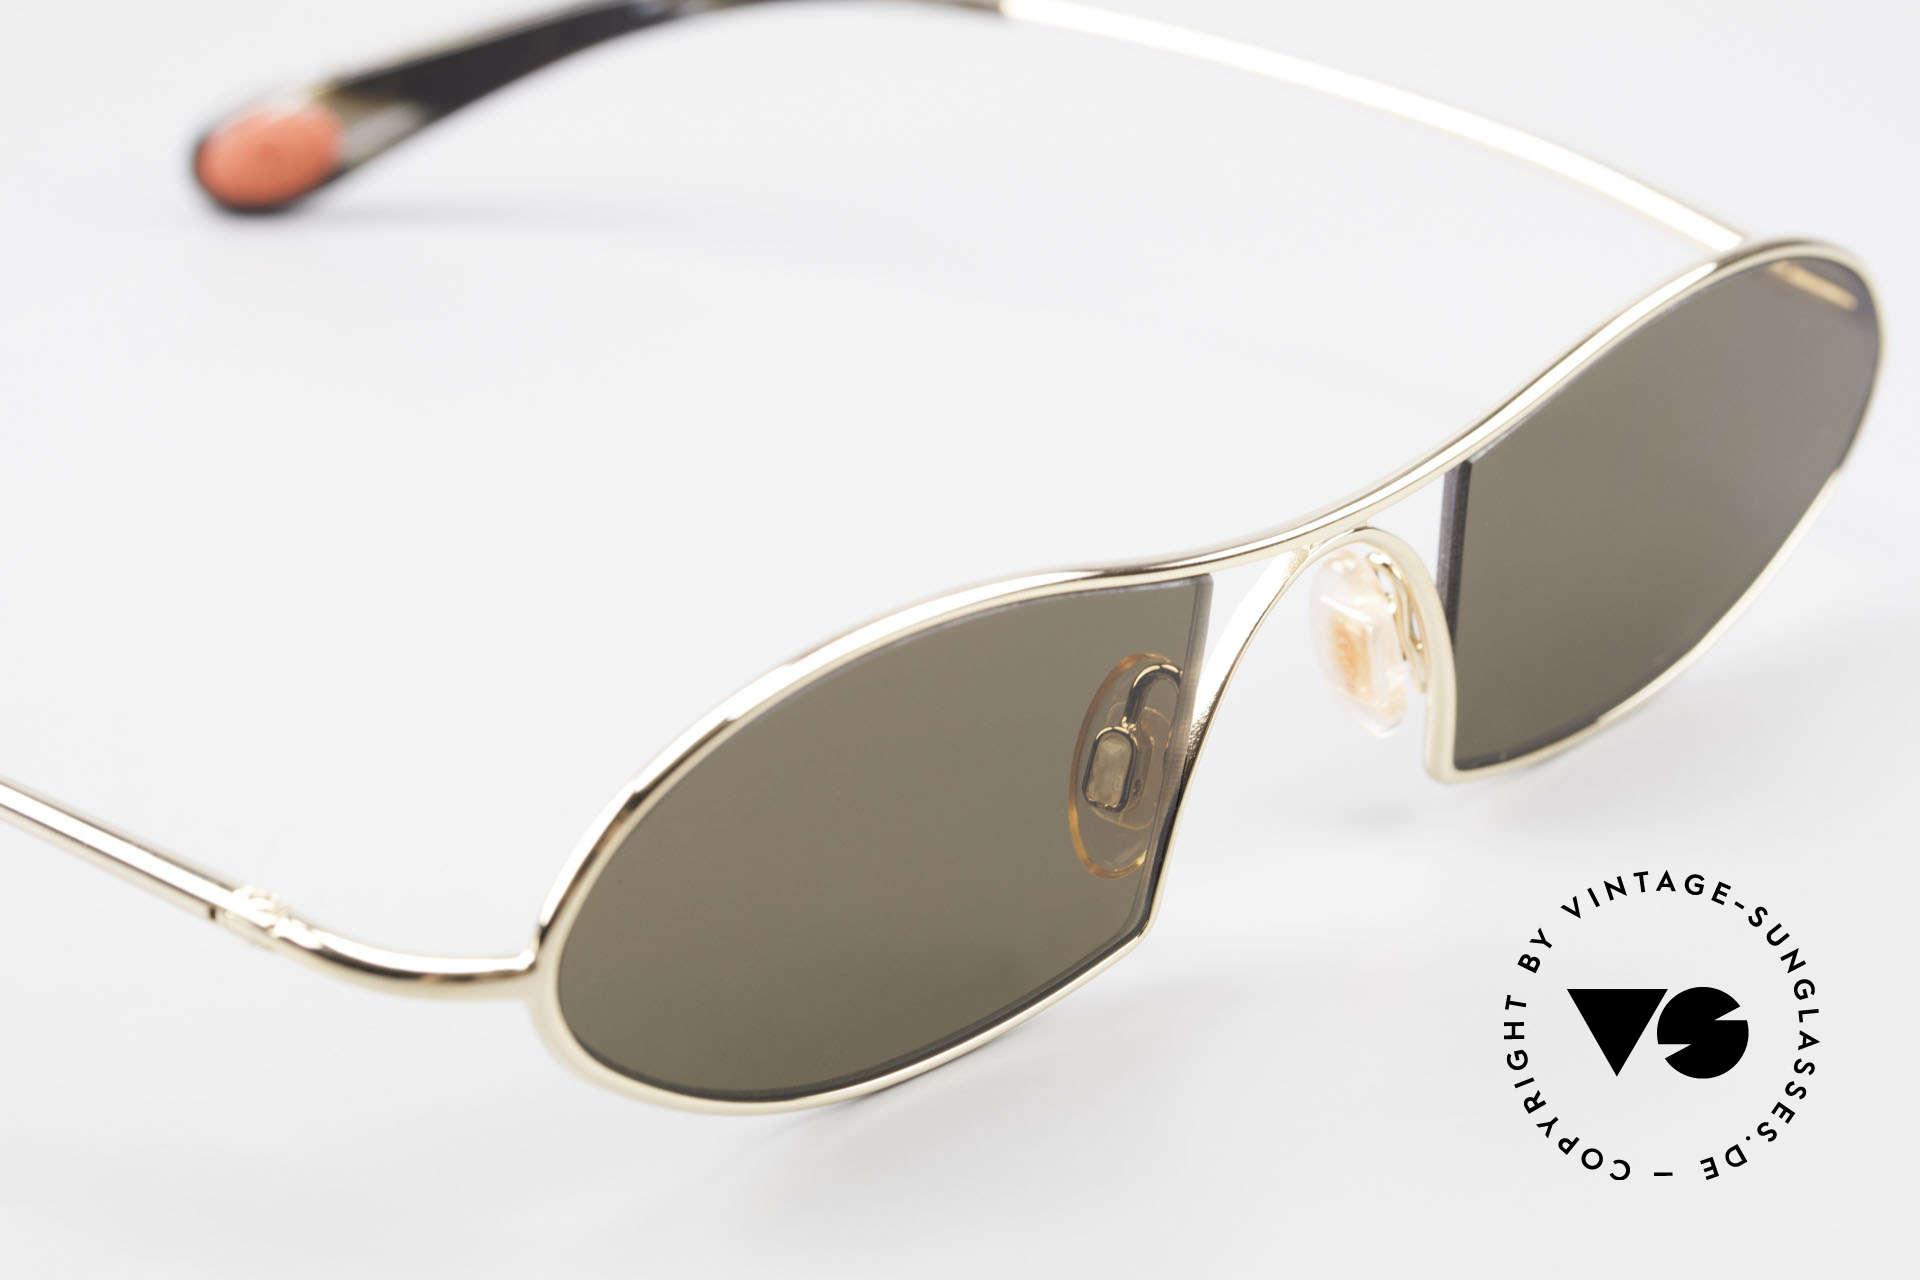 Bugatti 350 Odotype Designer Luxus Sonnenbrille, entspiegelte Sonnengläser für 100% UV Schutz, Passend für Herren